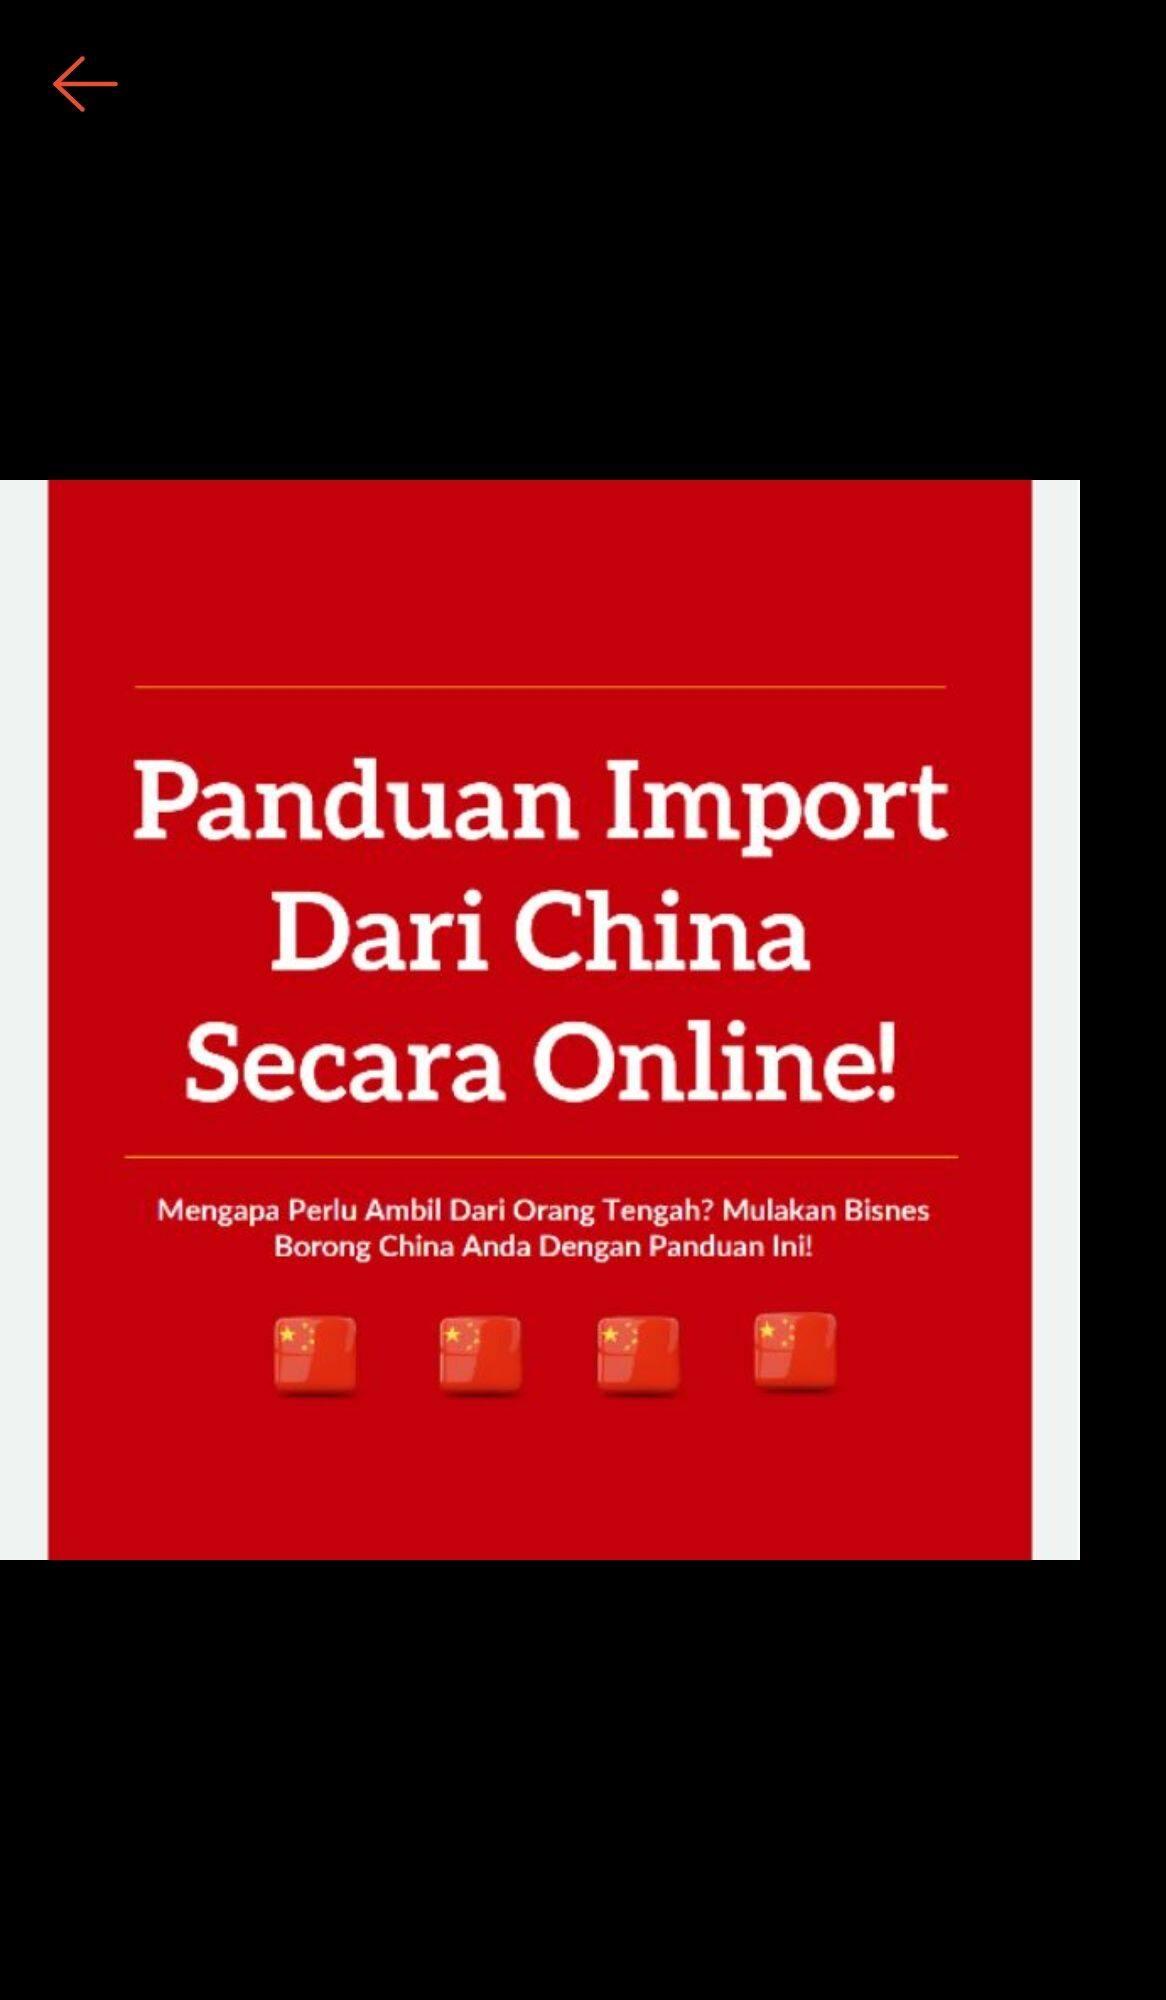 panduan import dari china secara online